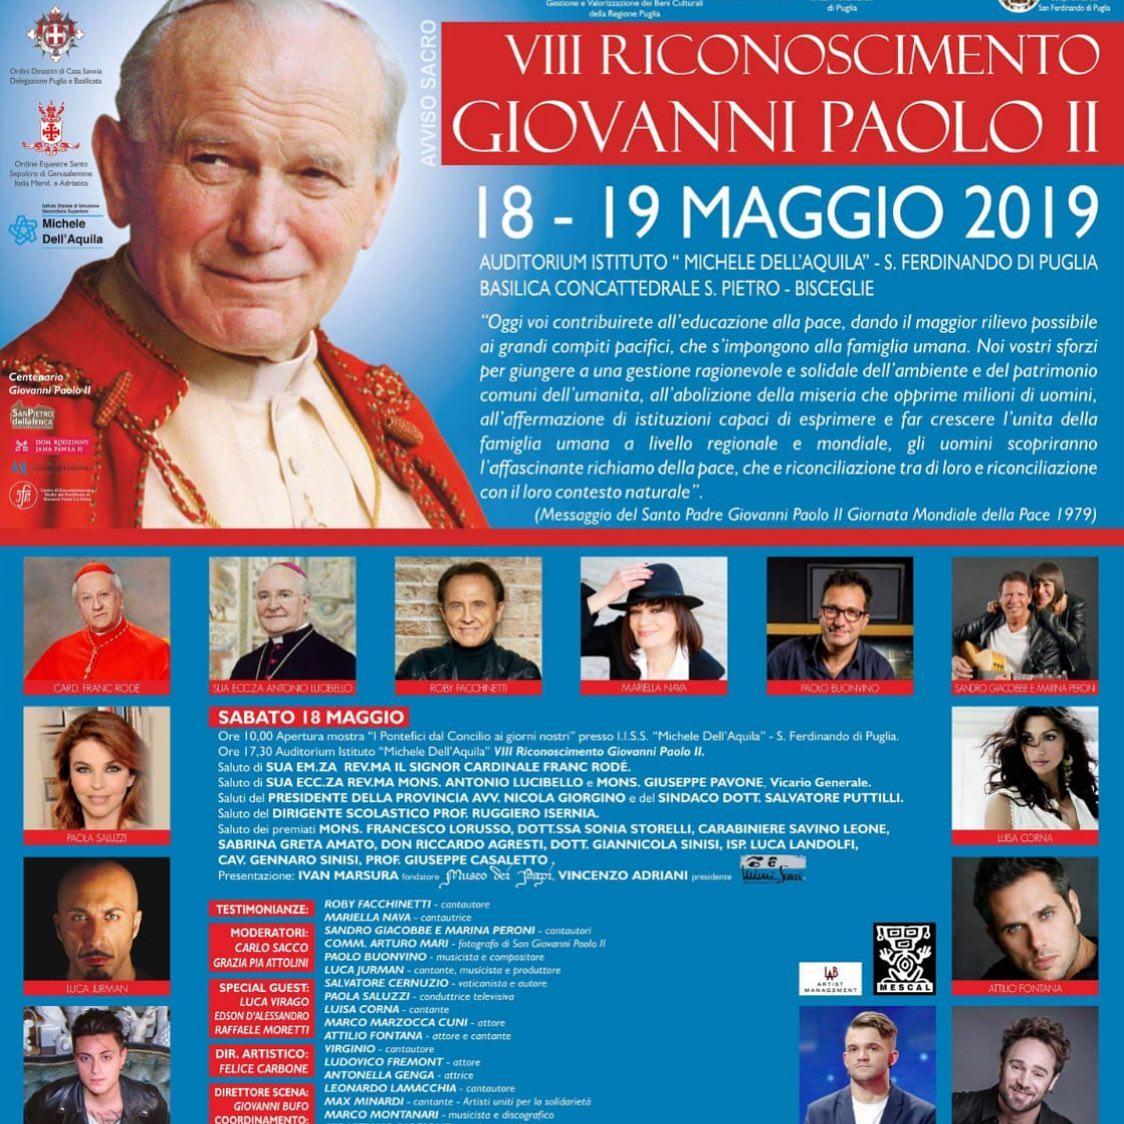 """18 MAGGIO 2019 A BARI """"RICONOSCIMENTO ASSOCIAZIONE GIOVANNI PAOLO II"""""""